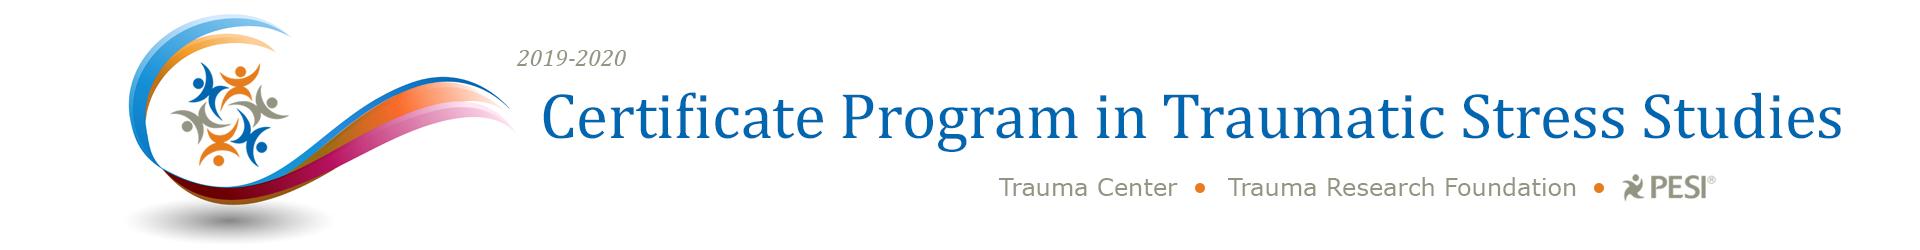 2019-2020 Certificate in Traumatic Stress Studies